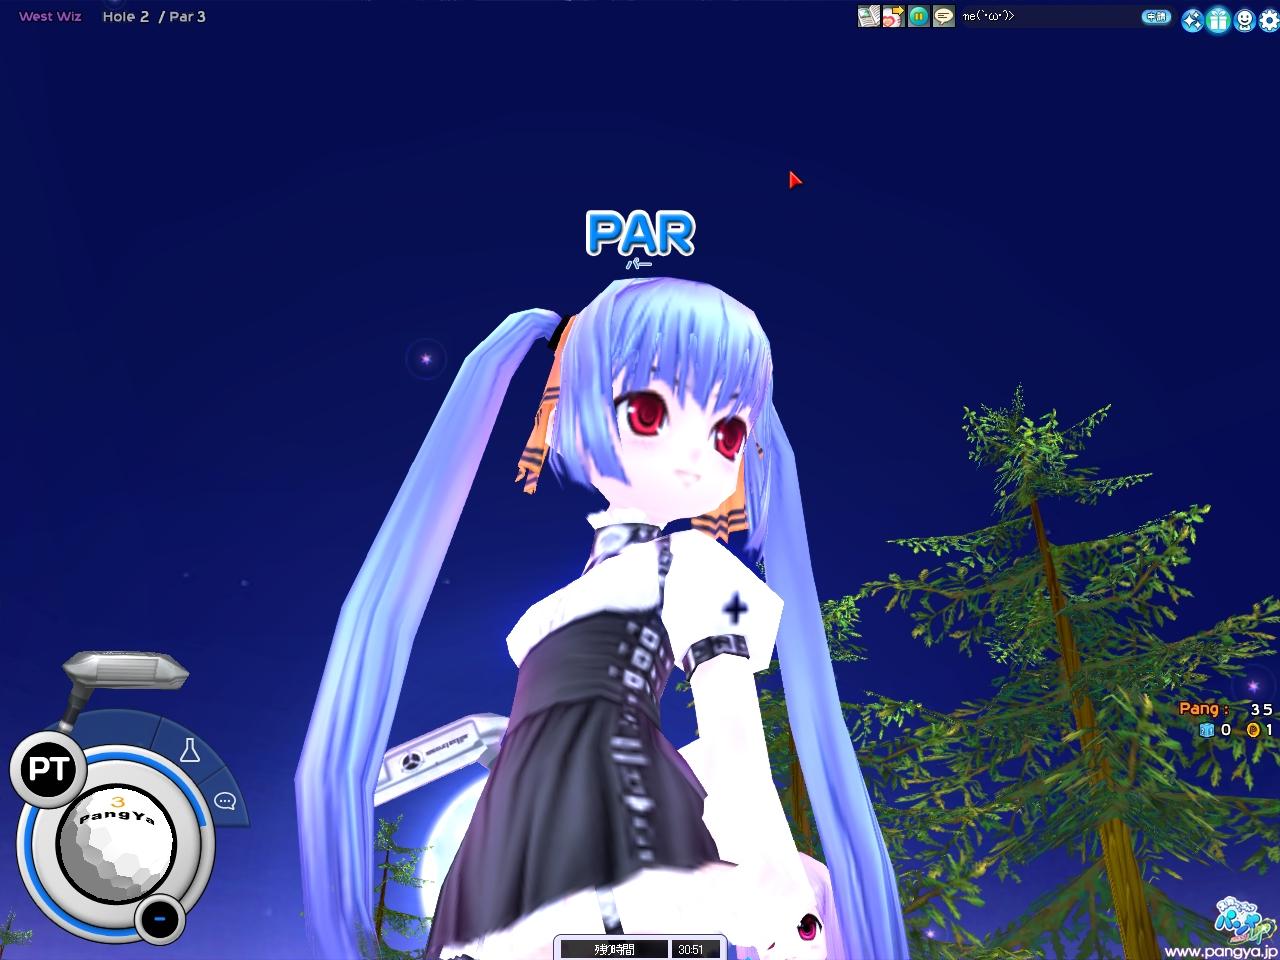 pangya_019.jpg